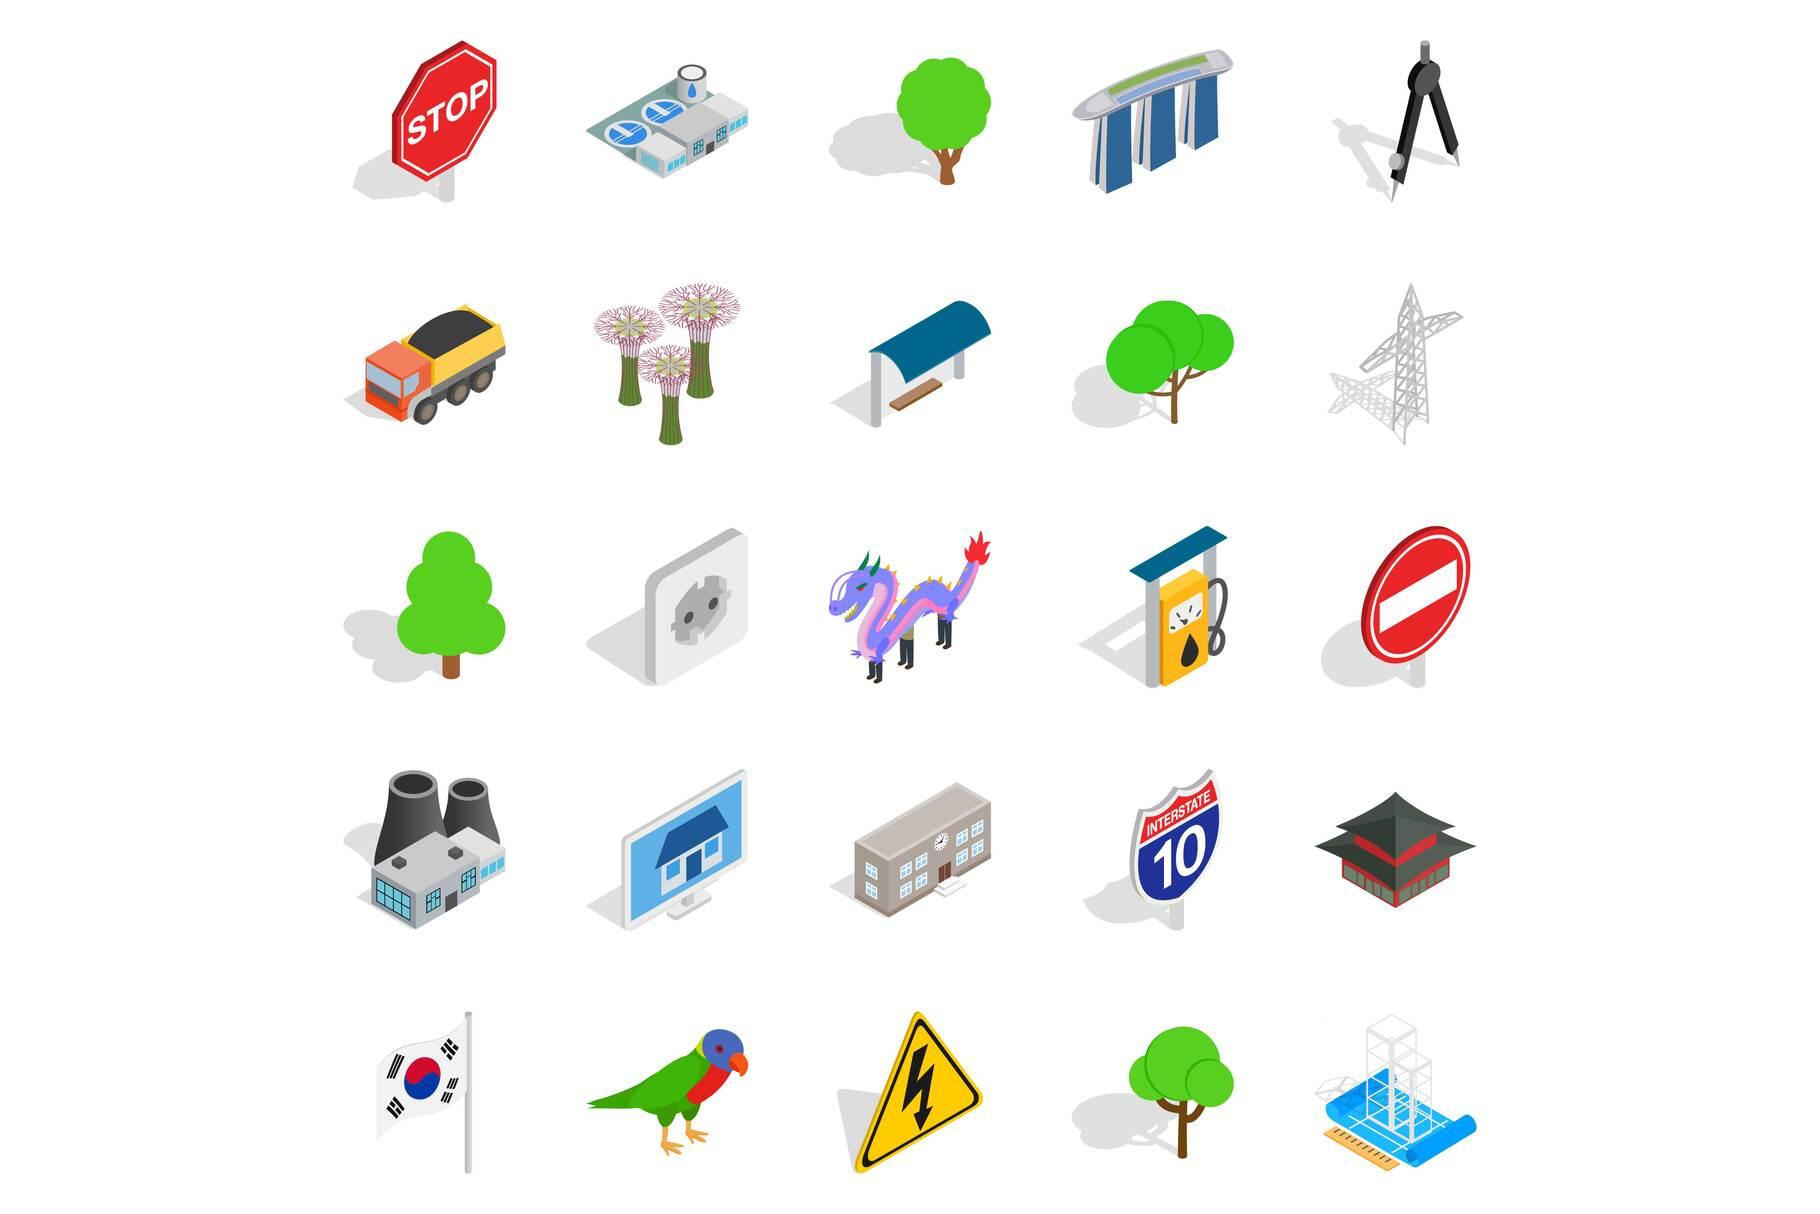 Roadside icons set, isometric style example image 1